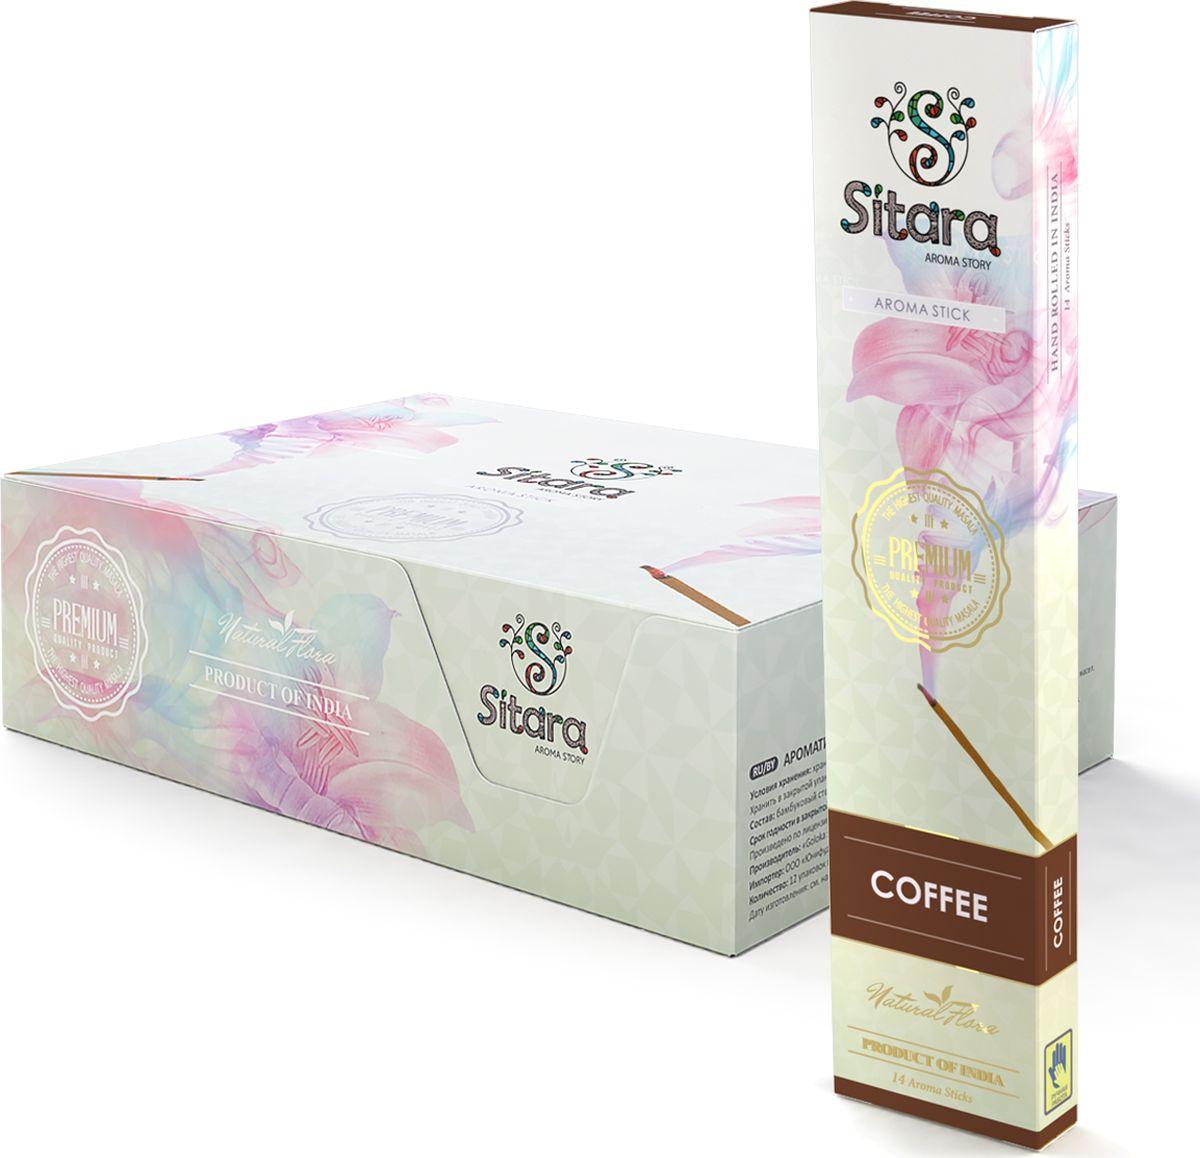 Ароматические палочки Sitara Premium Coffee, 14 палочек10322Аромат кофе ароматических палочек Sitara Premium Coffee тонизирует и включает второе дыхание. Помогает сосредоточиться и одержать верх над депрессией. Способ применения: Поджечь сторону, противоположную бамбуковому основанию. Через несколько секунд после возгорания задуть пламя. Поставить ароматическую палочку в подставку, соблюдая необходимые меры пожарной безопасности. Состав: Бамбуковый стержень (Bamboo rod), натуральный мед (Honey), смола и пудра сандалового дерева (Resin and sandalwood powder), натуральная эссенция эфирных масел (Essential oils)С осторожностью:Людям страдающими заболеваниями дыхательных путей, аллергическими реакциями, при беременности.